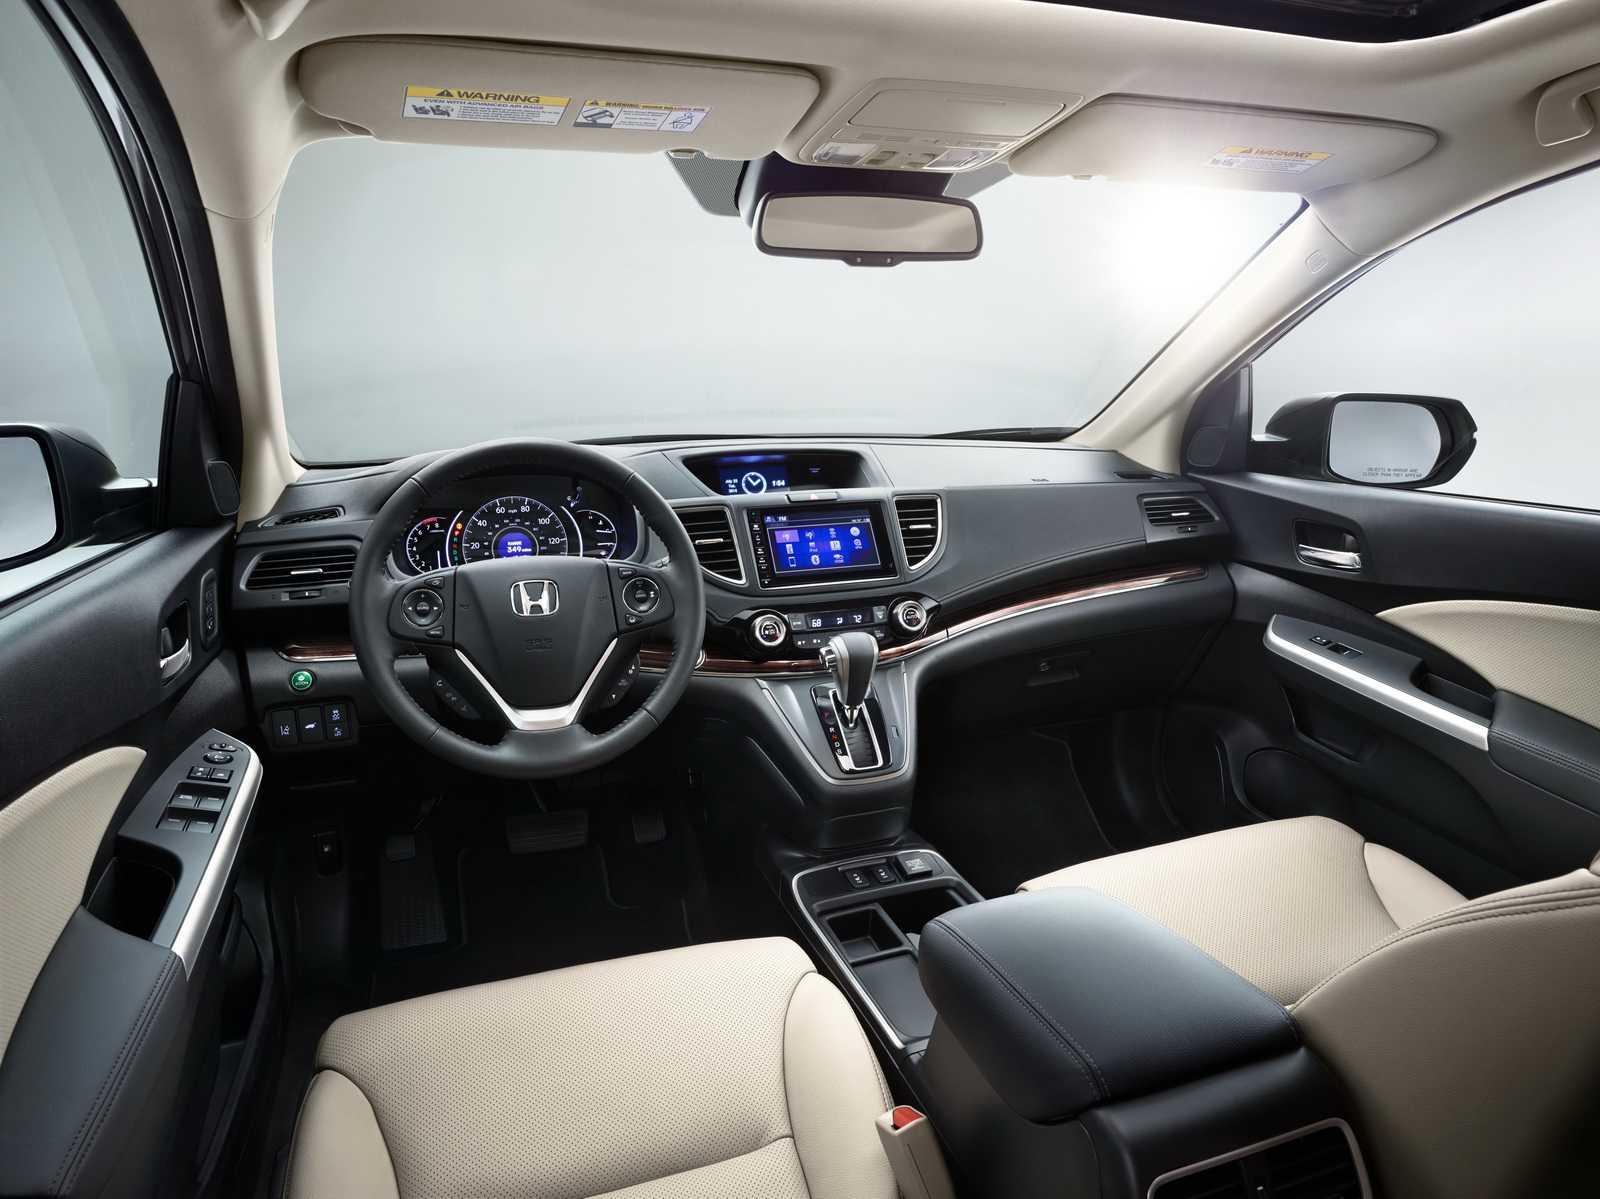 Hai chiếc xe đều sở hữu không gian nội thất khá tương xứng với phân khúc và giá bán của mình (Ảnh minh họa nội thất Honda CR-V 2015)